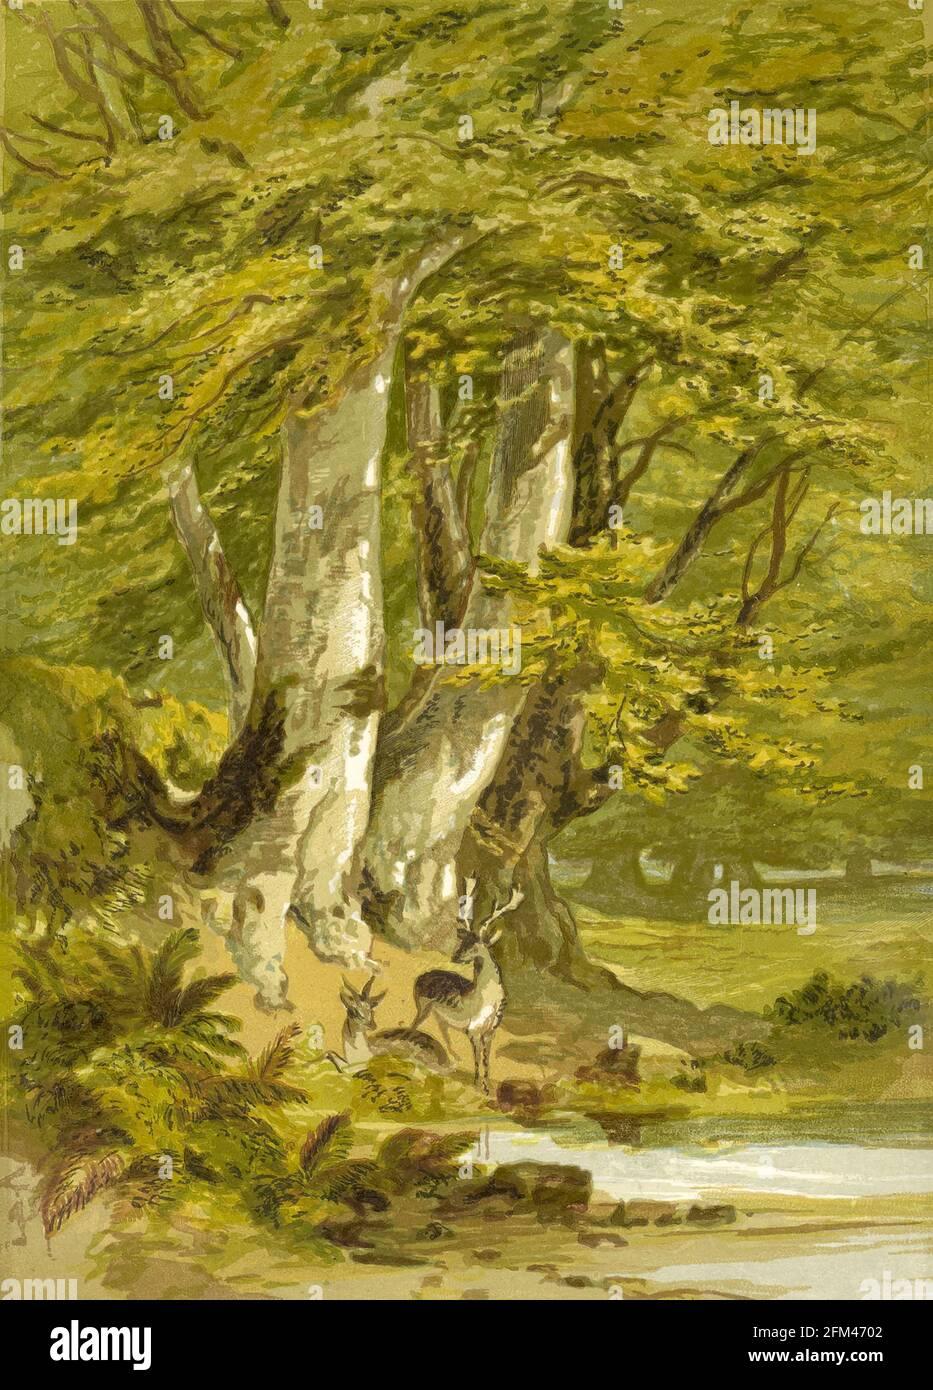 Les arbres de hêtre du livre la théorie et la pratique de la peinture de paysage dans l'eau-couleurs illustrées par une série de vingt-six dessins et diagrammes en couleurs et de nombreuses coupes de bois par Barnard, George, 1807-1890 publié en 1885 par George Routledge et fils Londres Banque D'Images